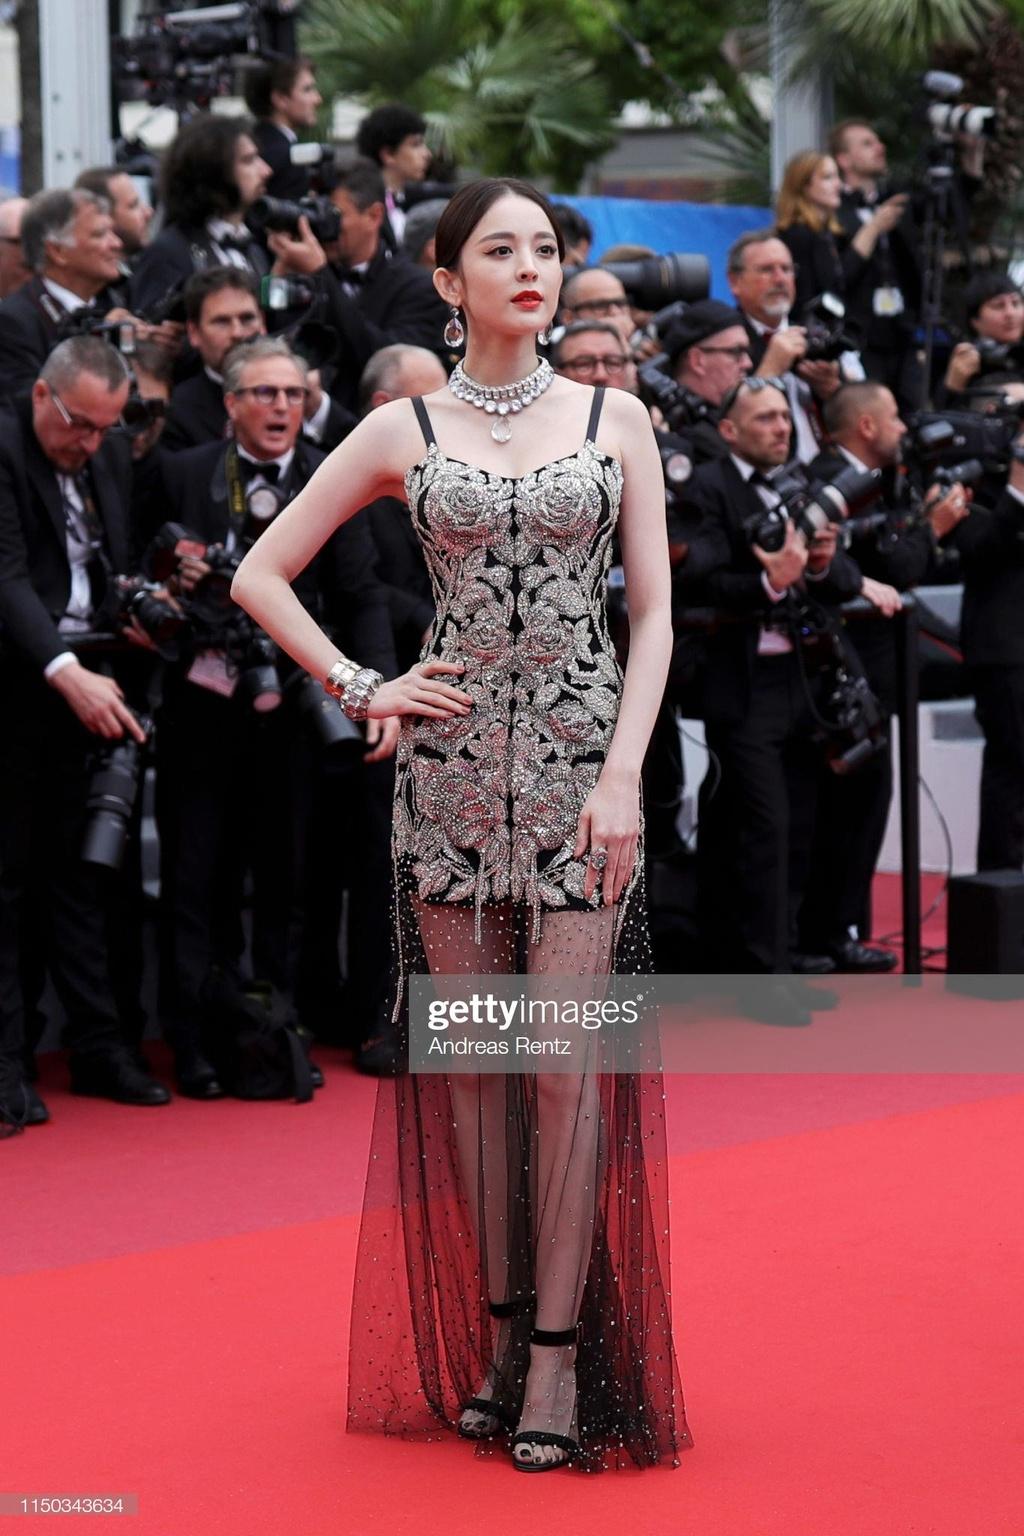 Hoa hau dep nhat moi thoi dai long lay tren tham do Cannes hinh anh 3